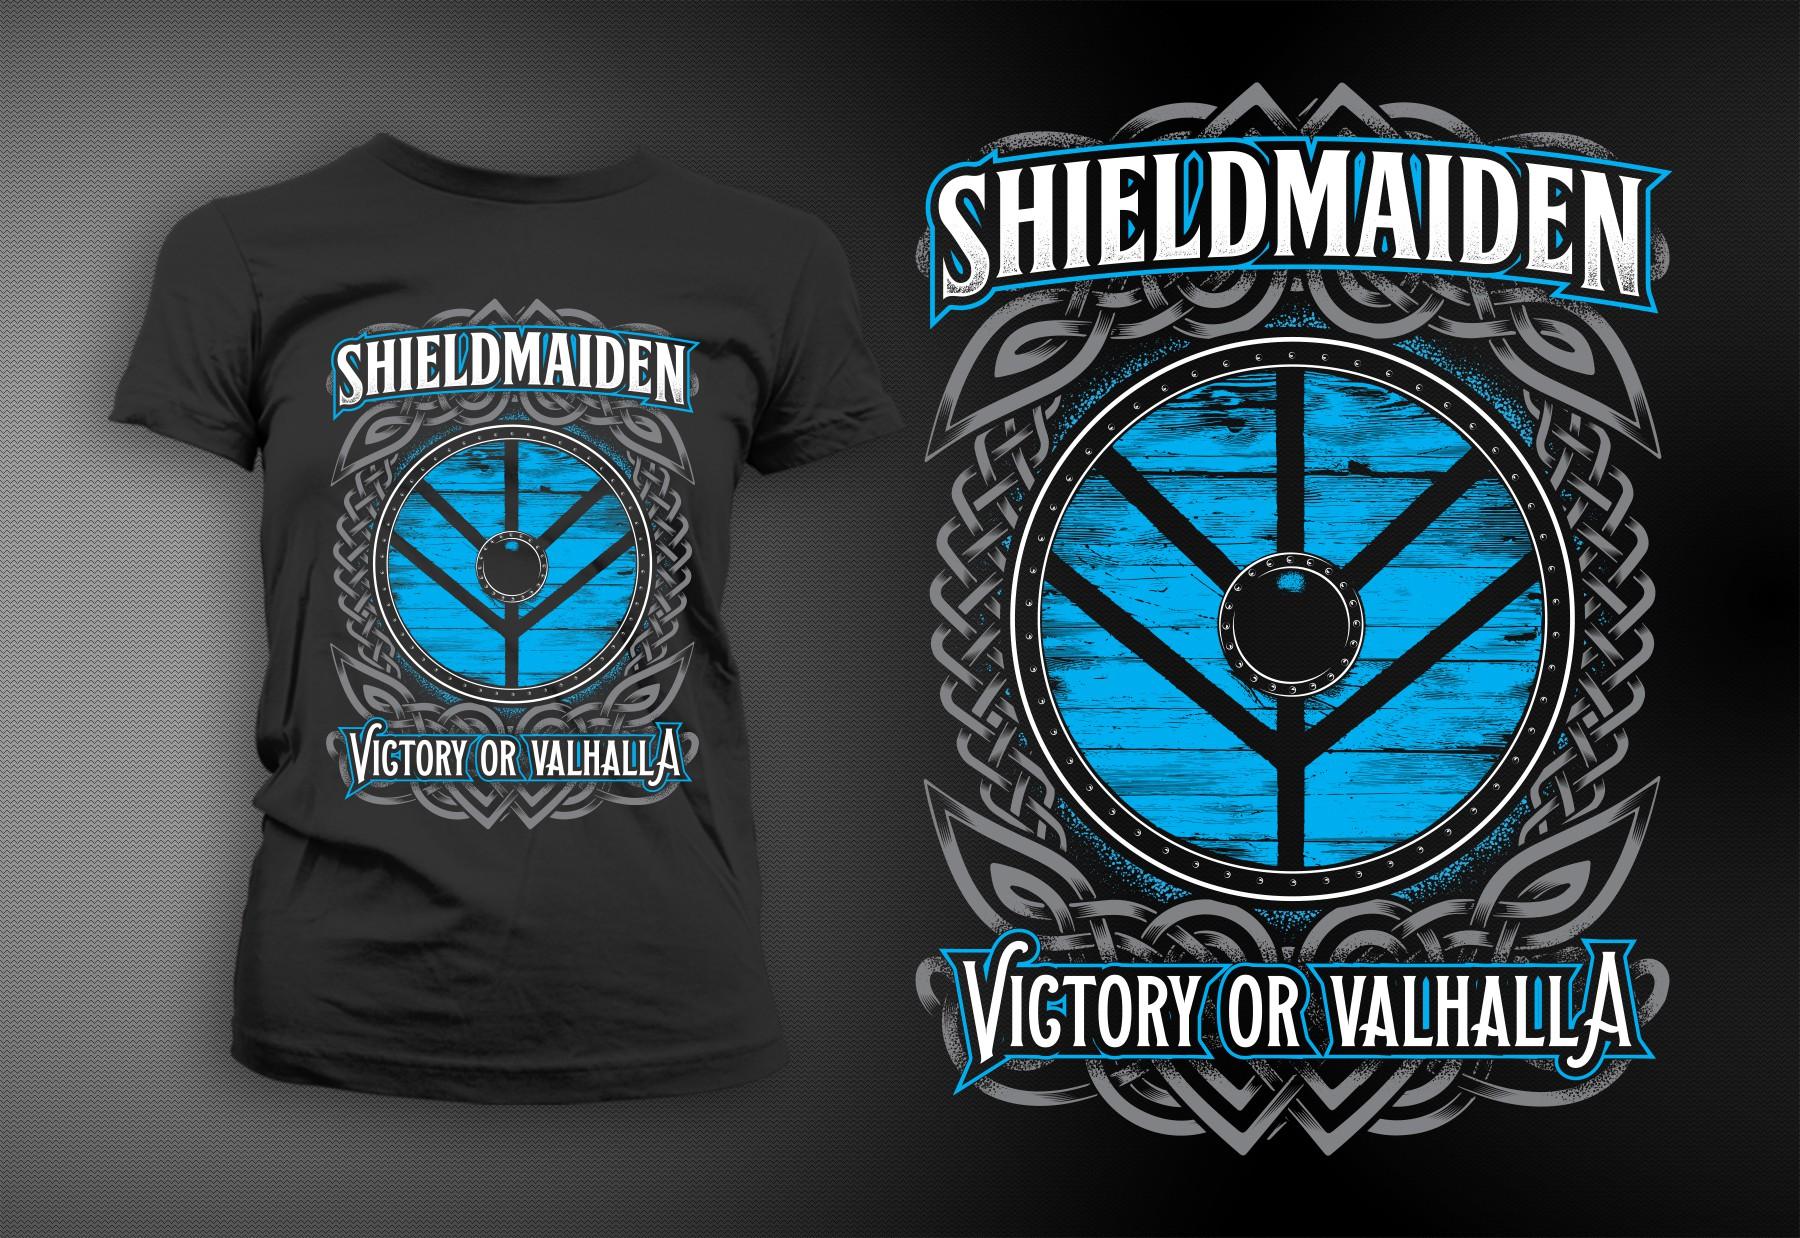 Shieldmaiden Lagertha Viking T-shirt Design Needed